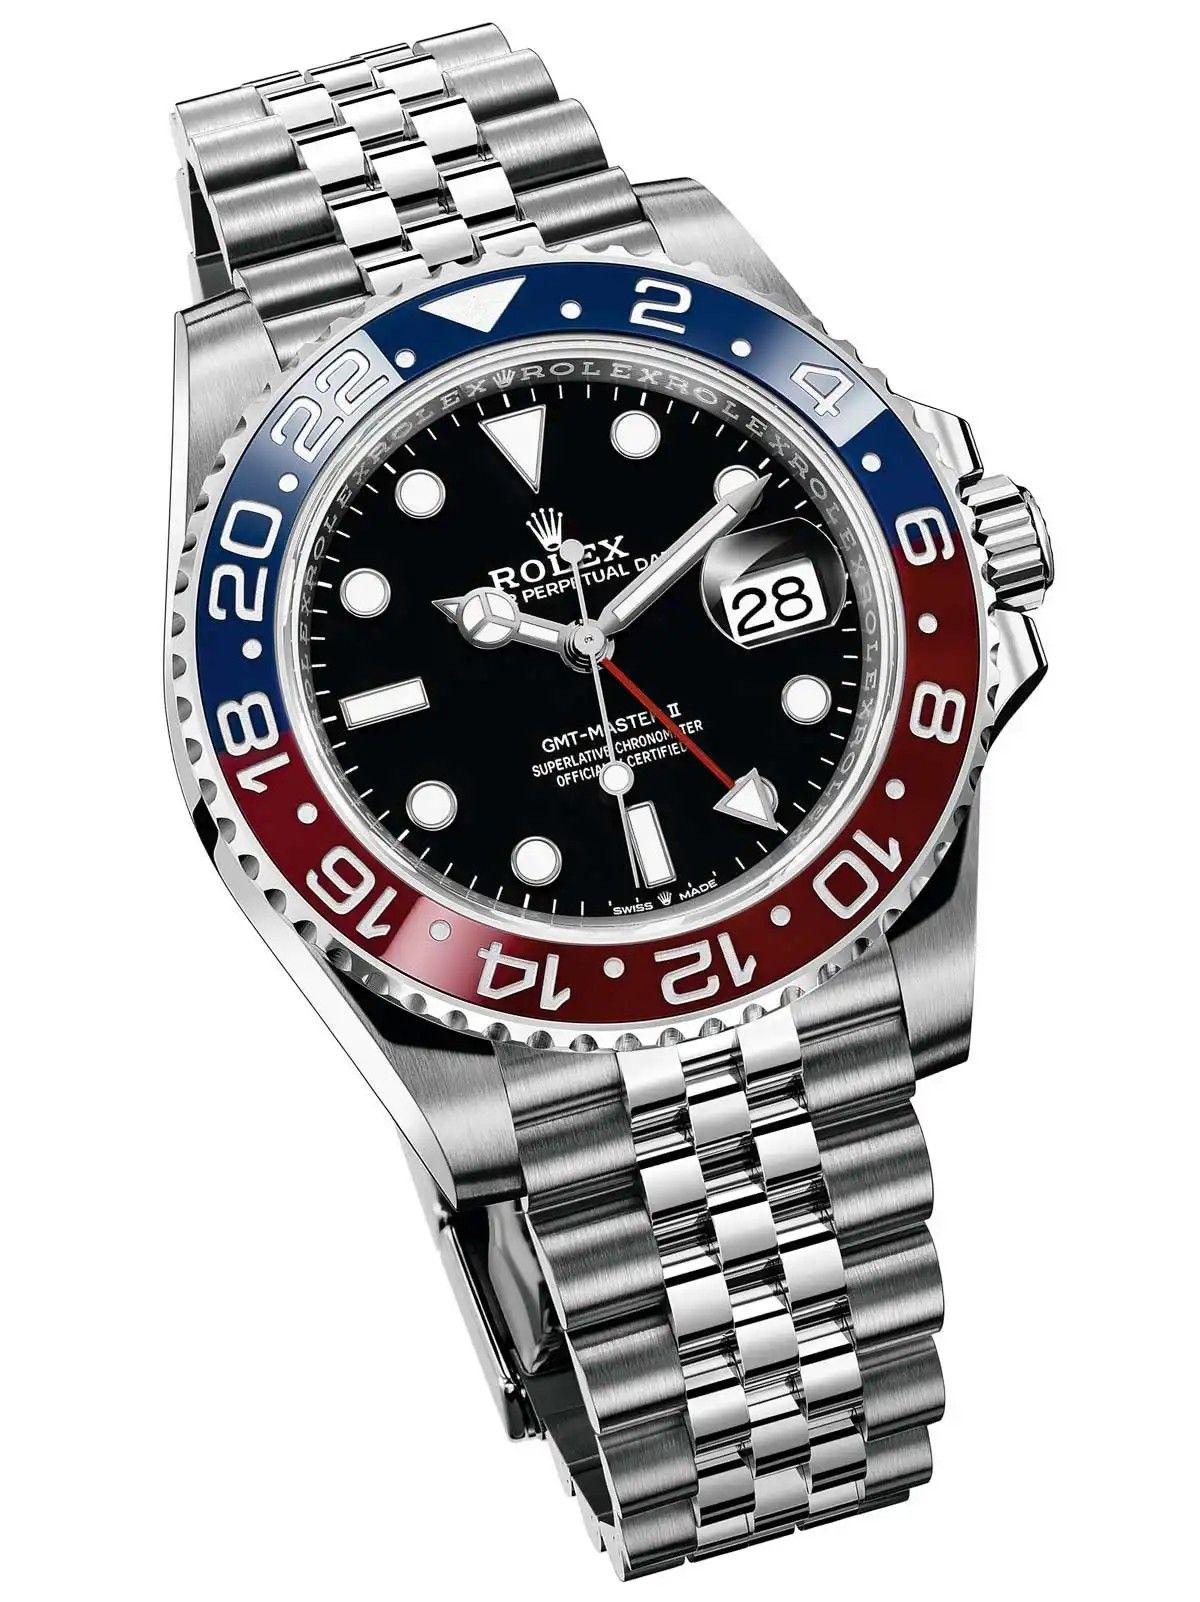 Rolex Gmt Master Ii Pepsi 126710 Blro Rolex Gmt Rolex Rolex Watches